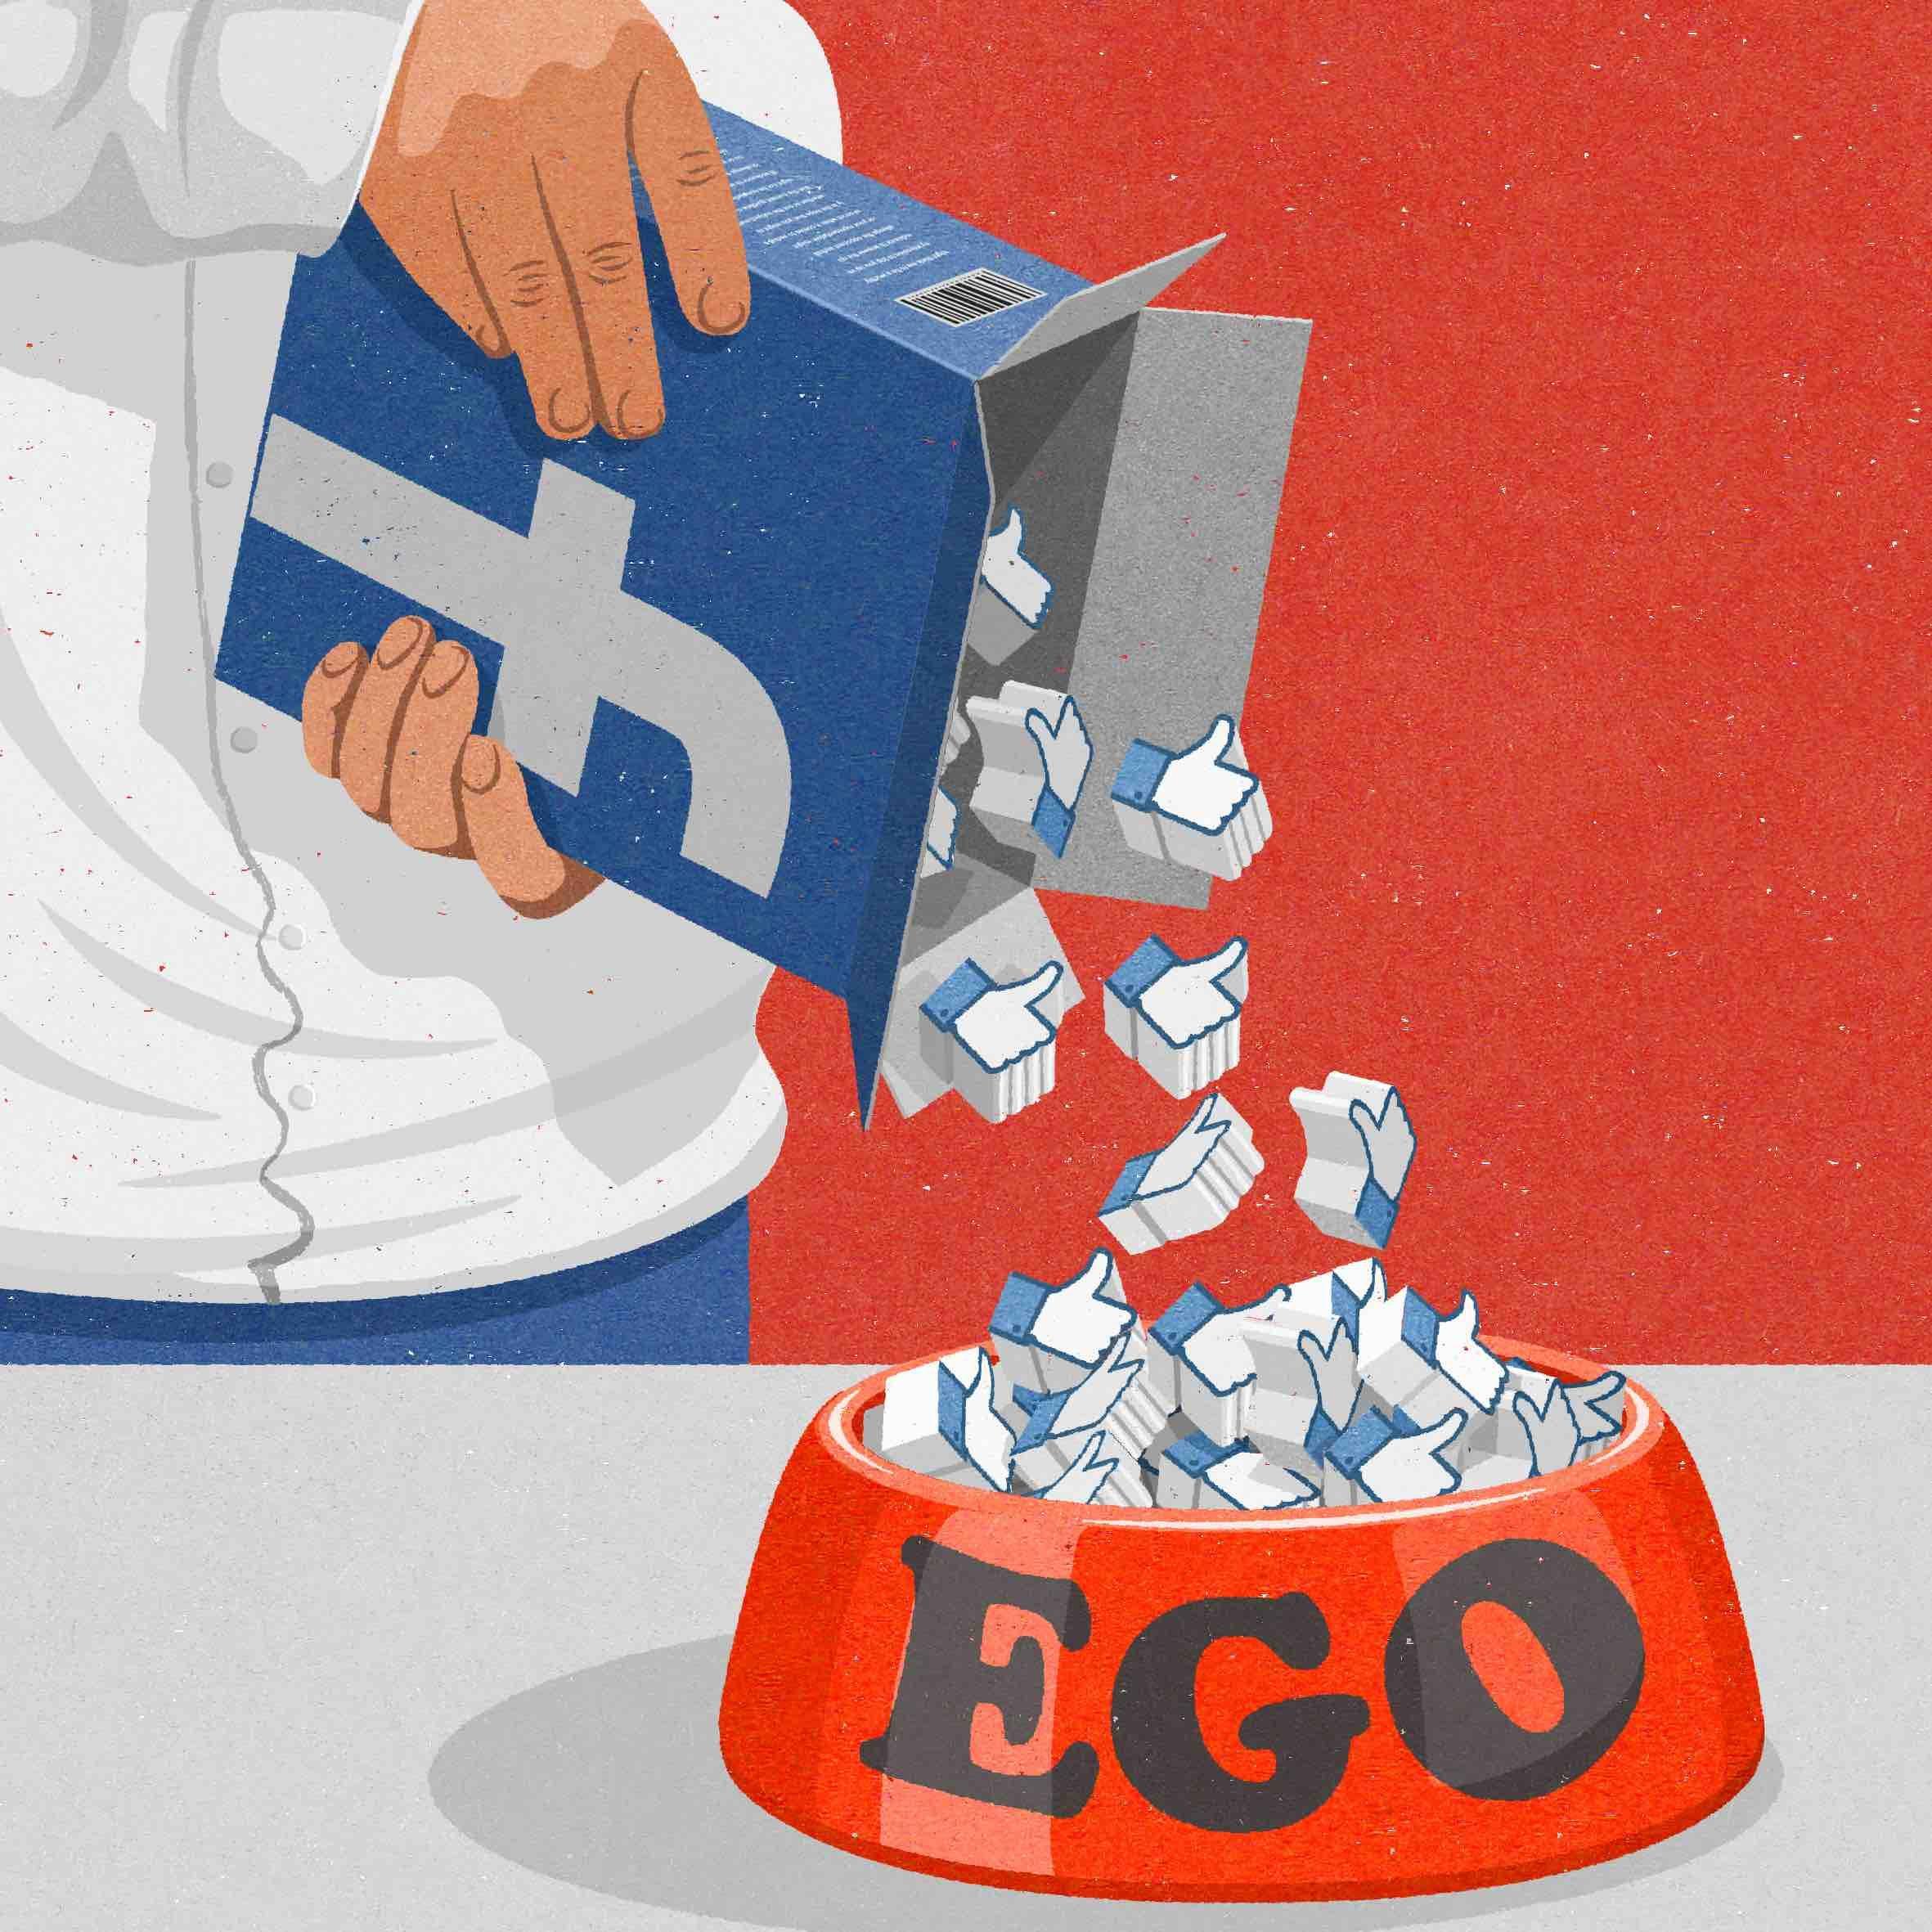 Som community manager på de sociale medier vil du gerne skabe engagement. Men…